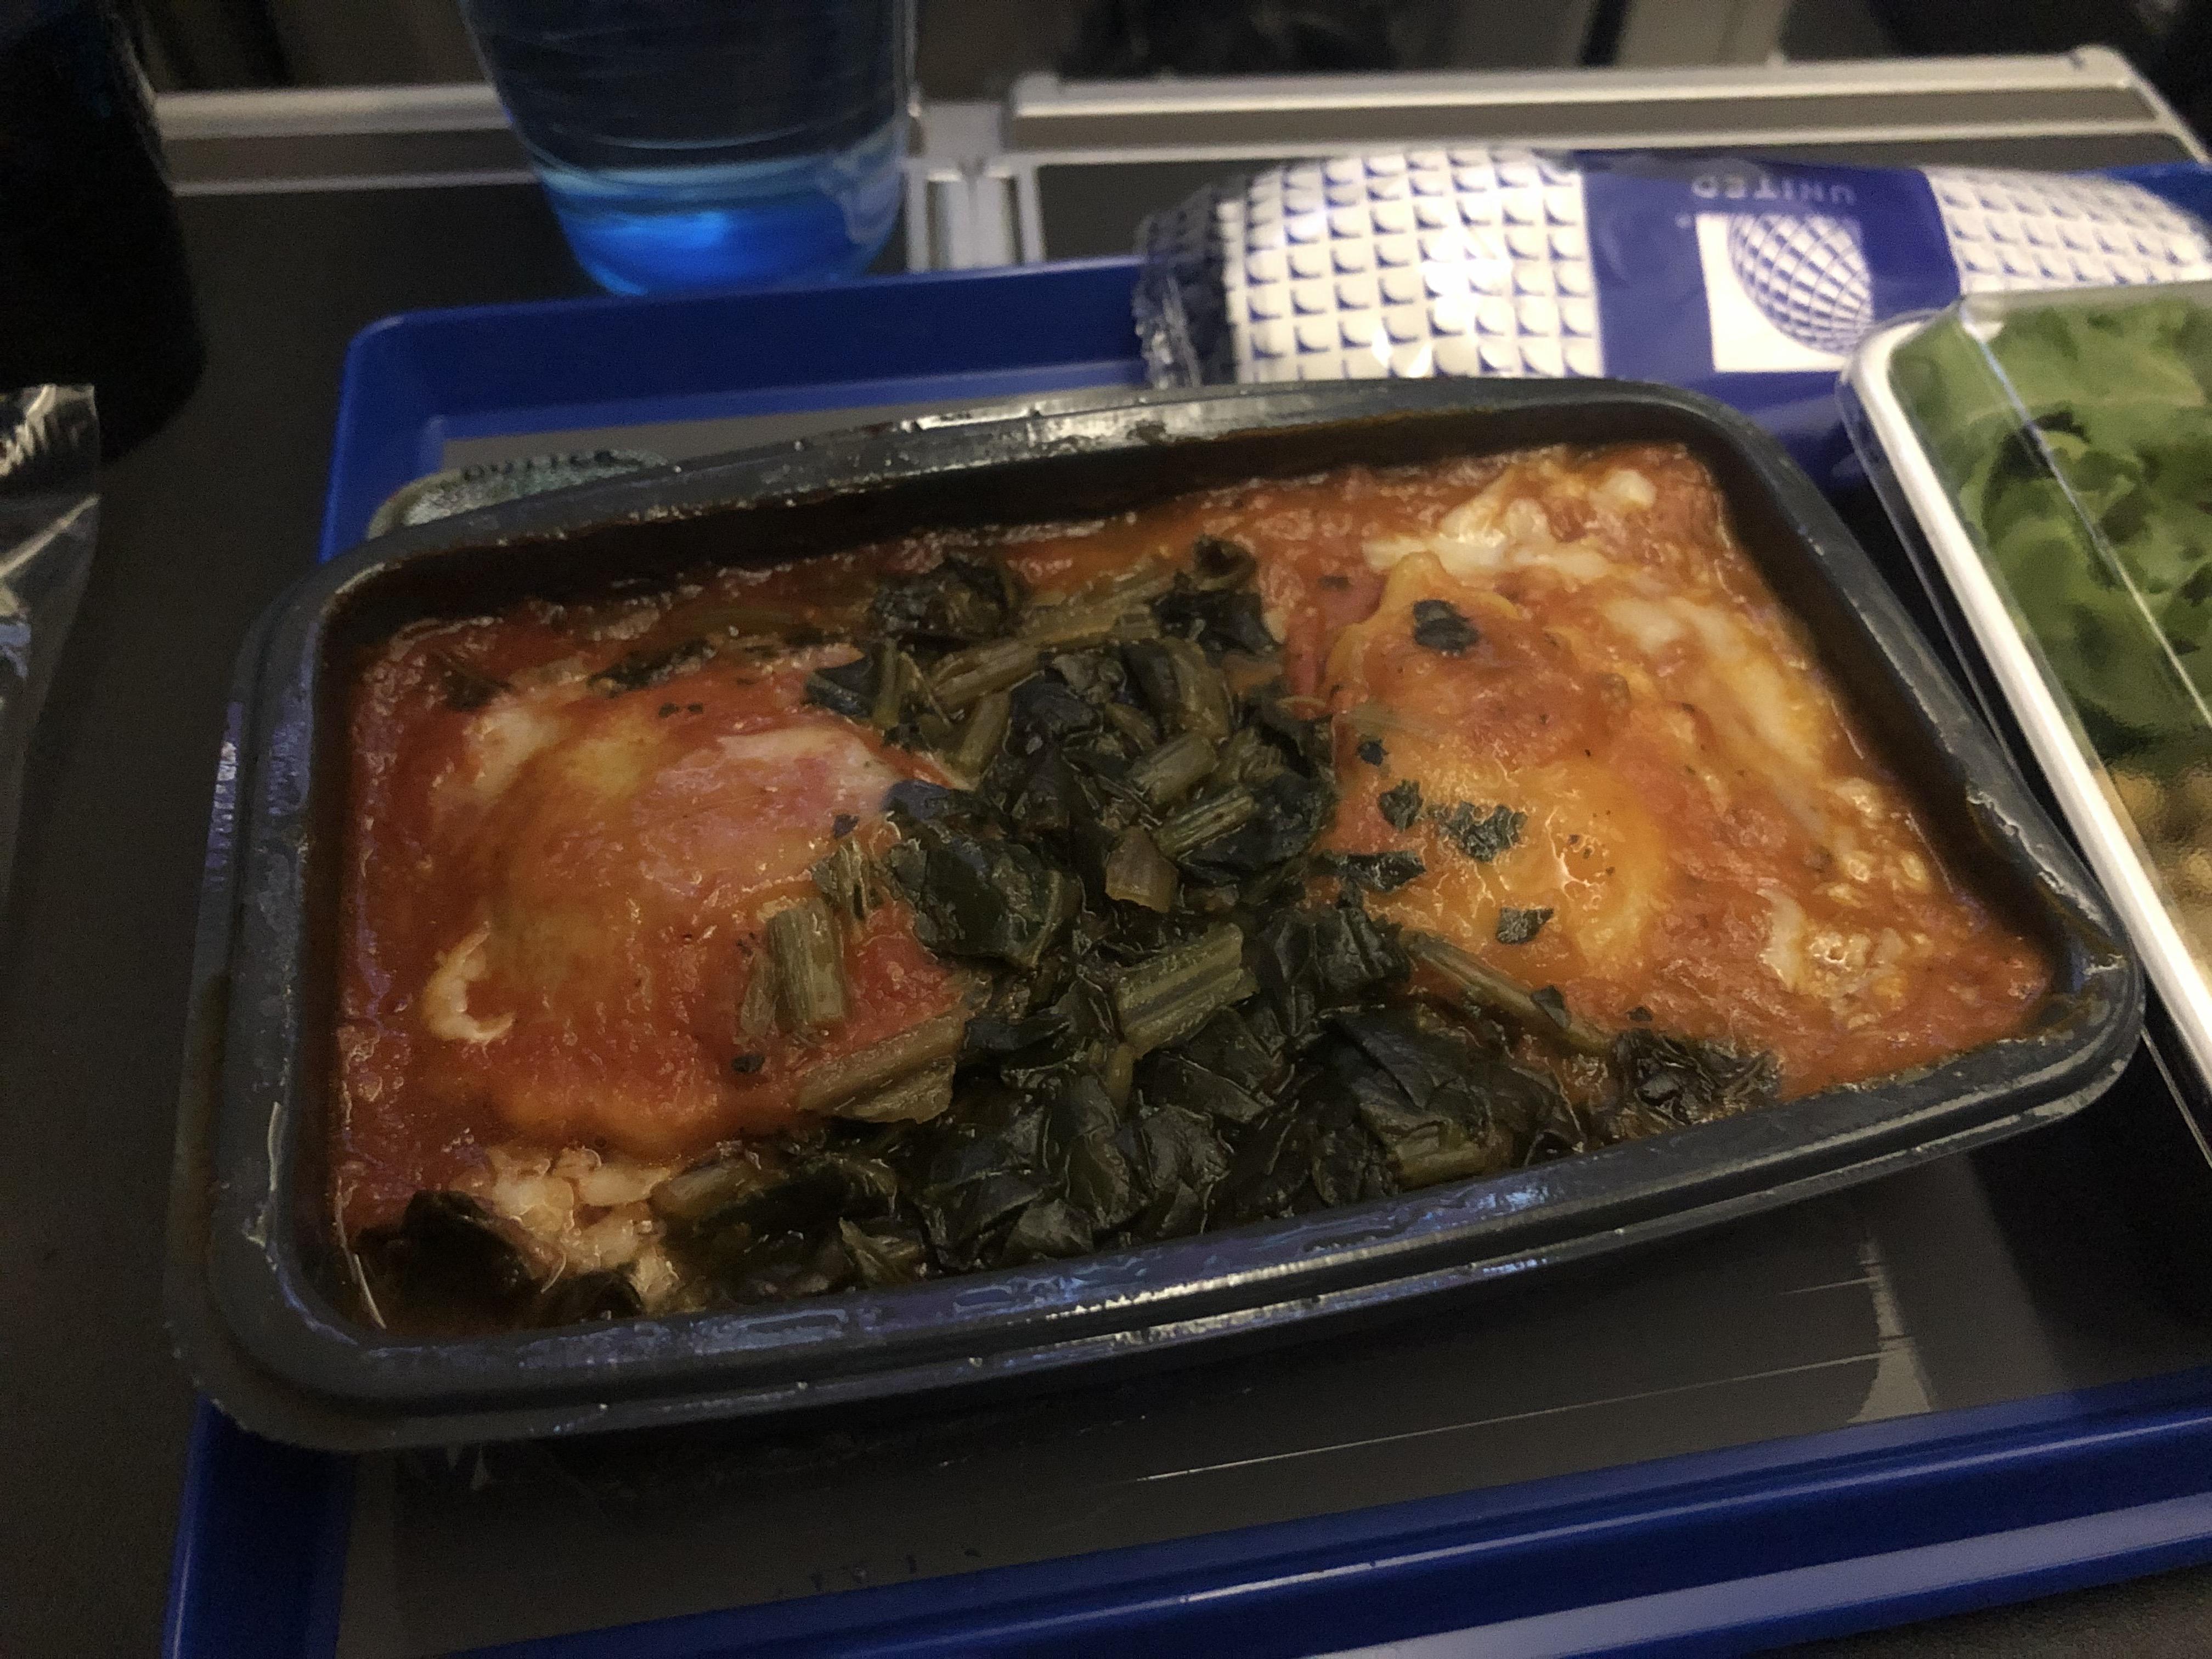 United Premium Economy Meal